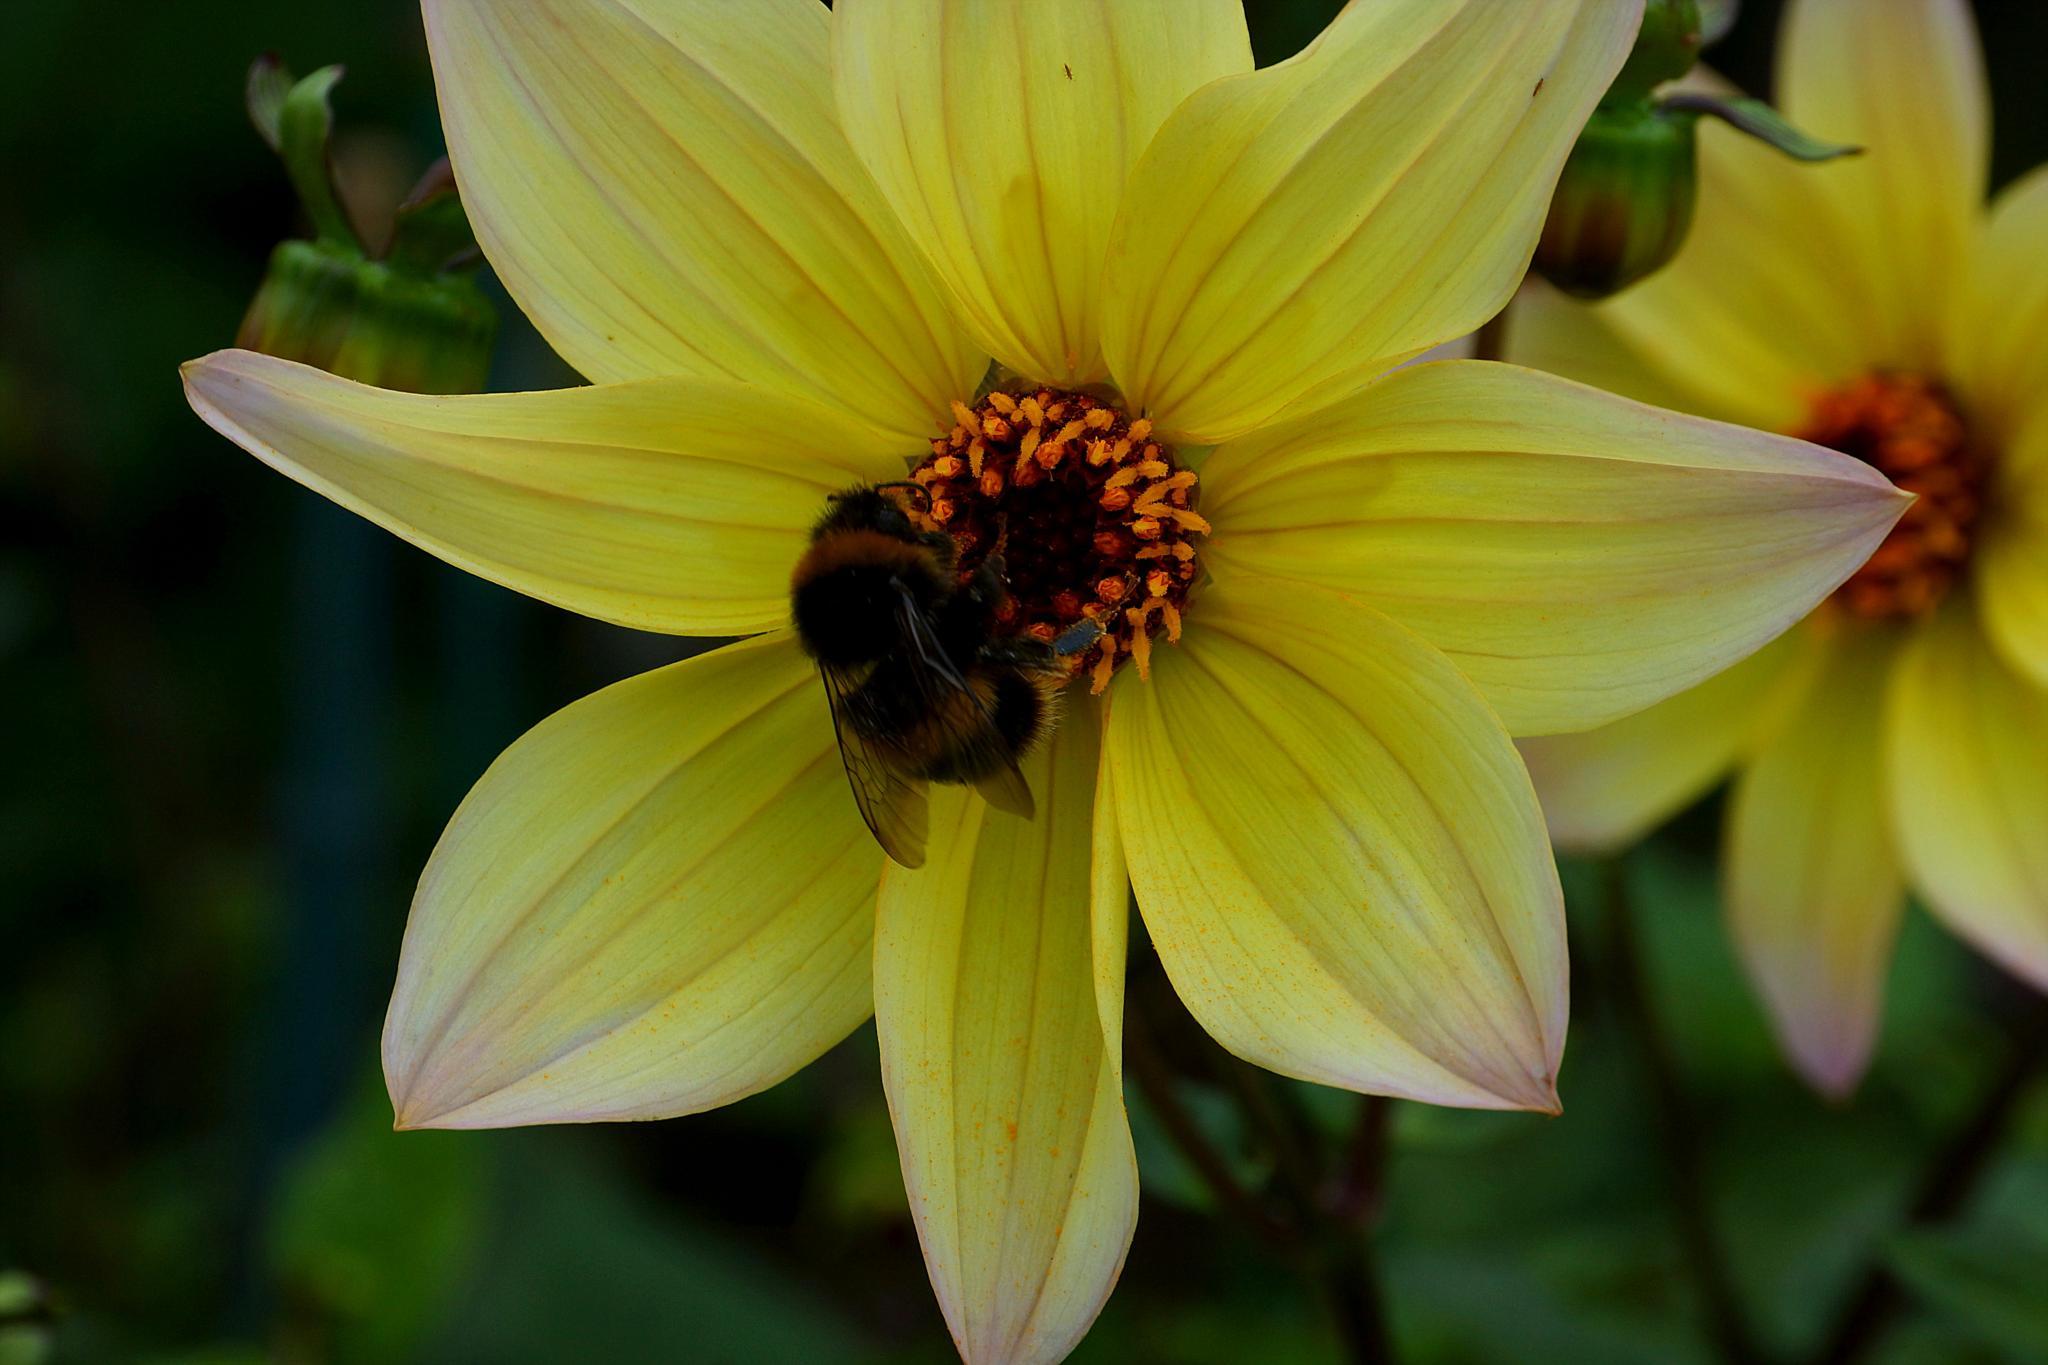 Worker Bee by Peter J Dwight